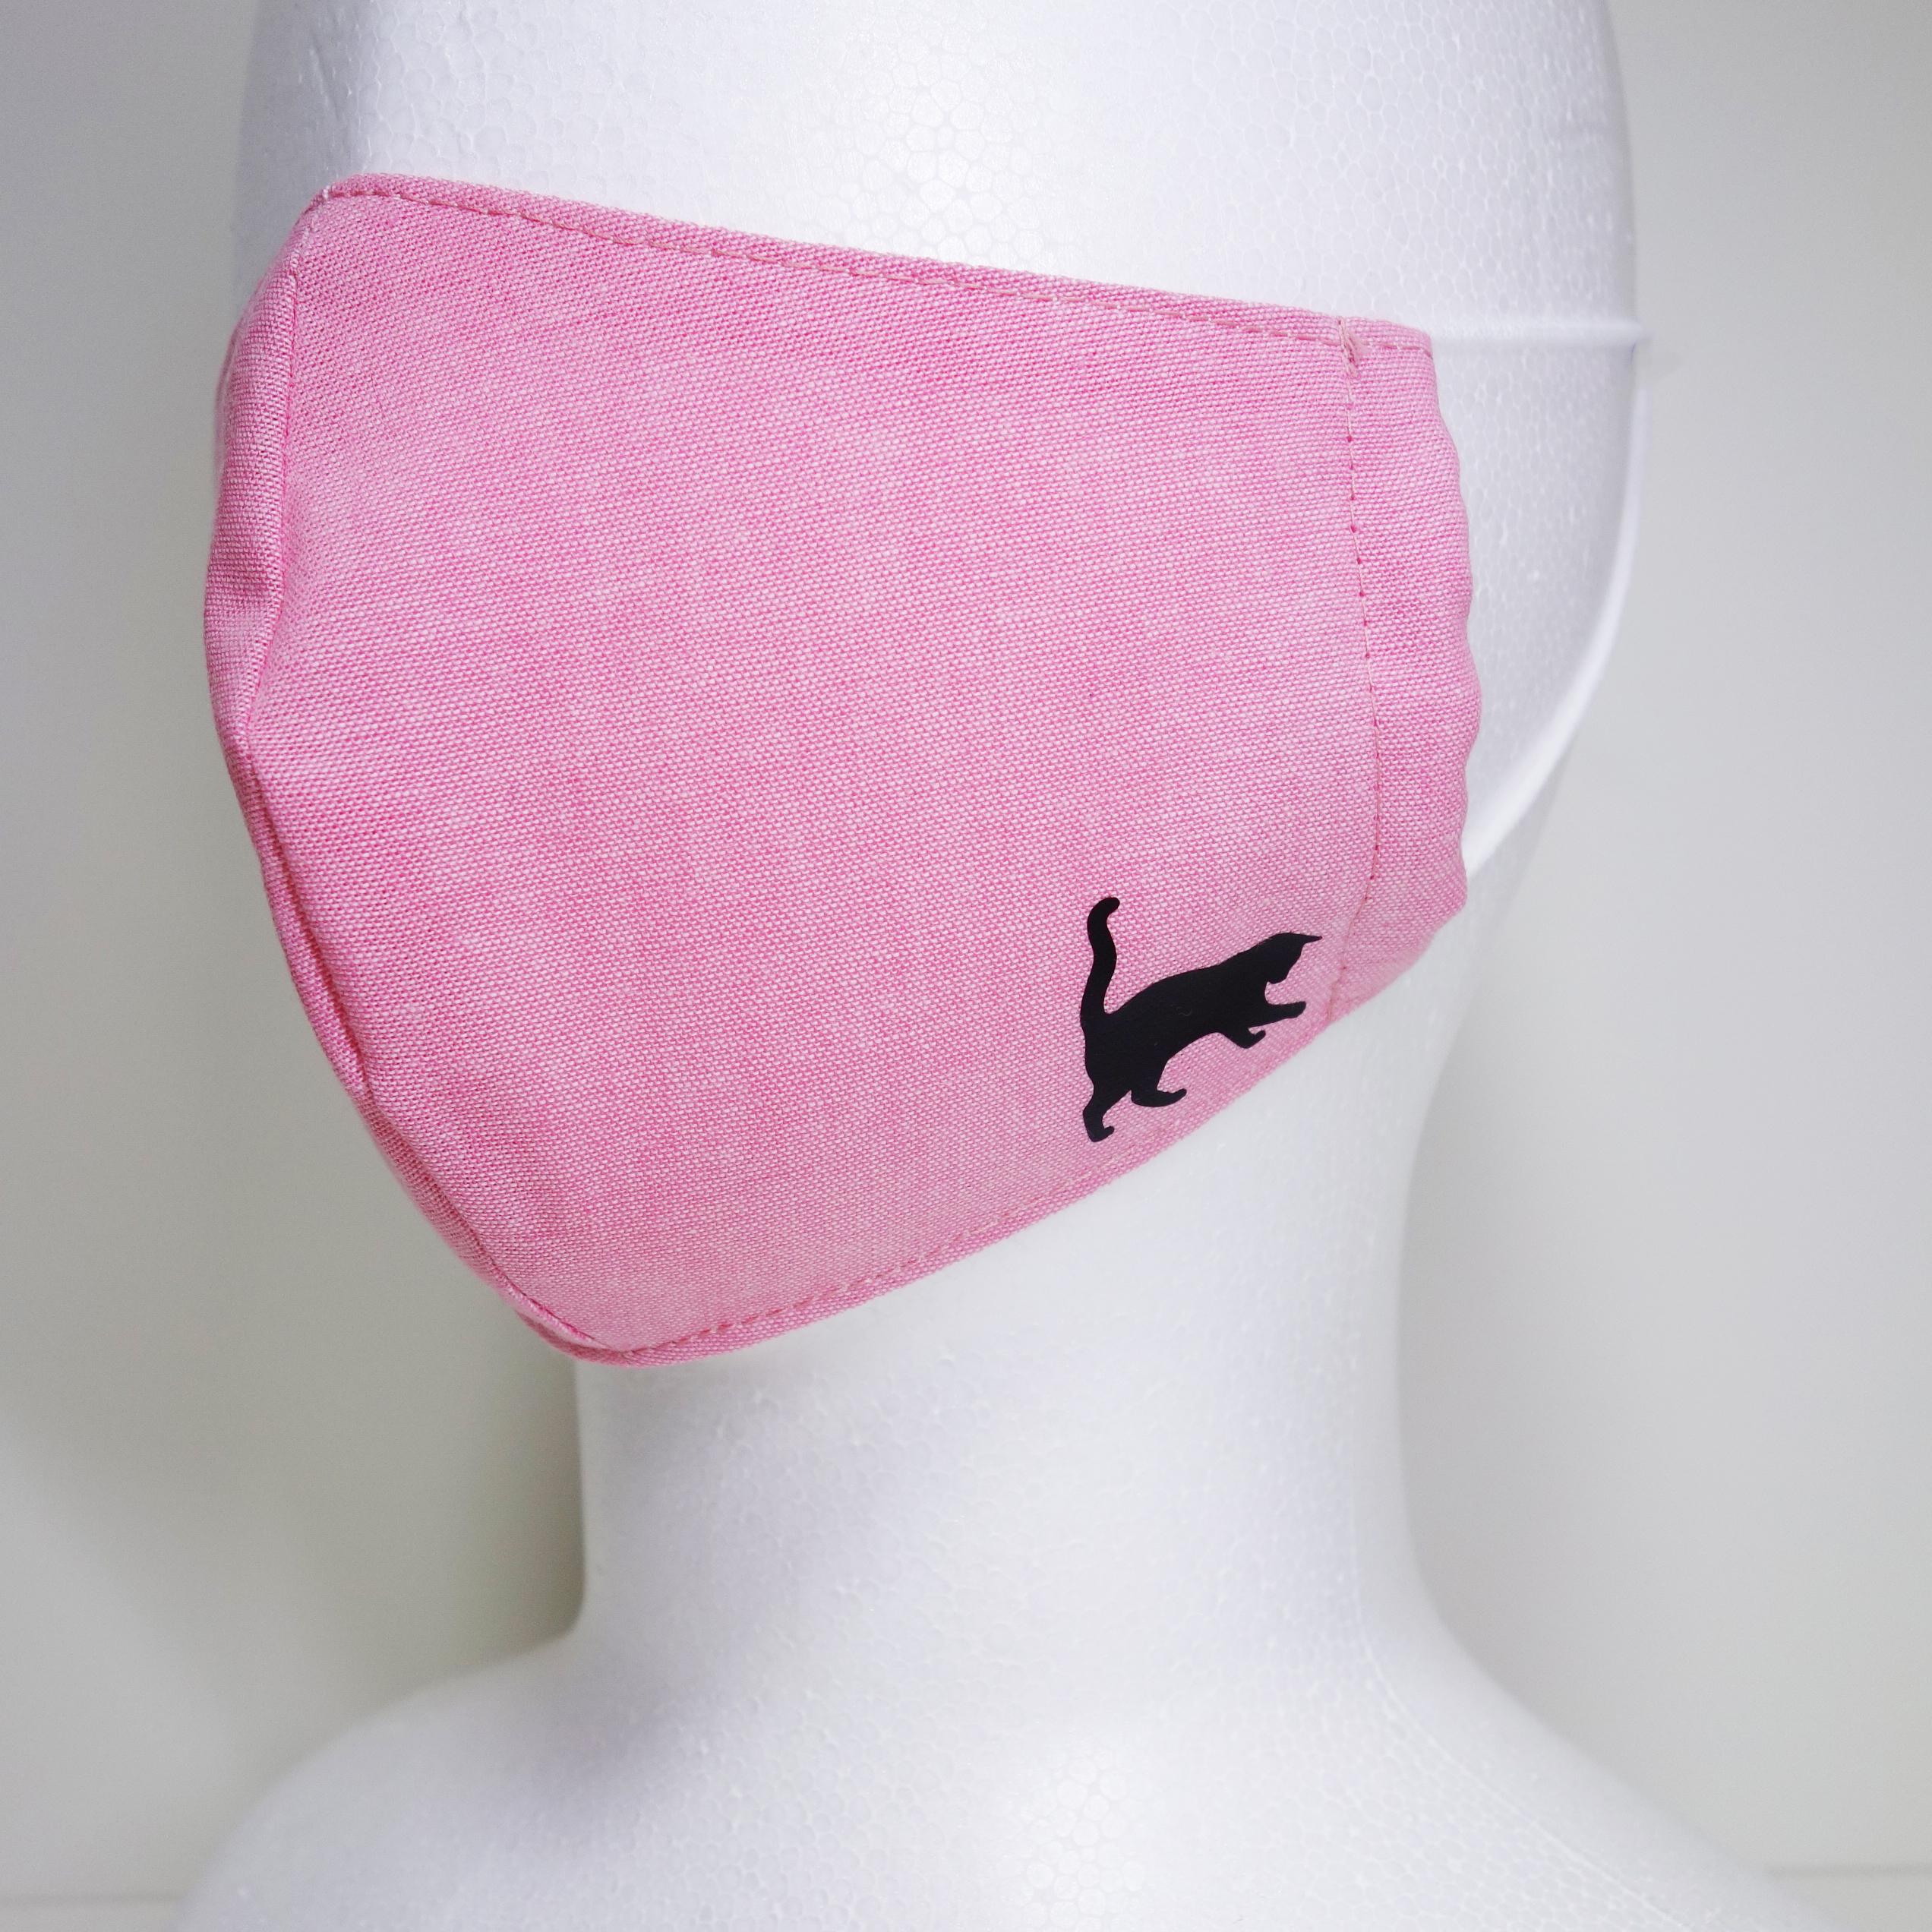 布マスク ネコ 猫 立体マスク ピンク 大人サイズ